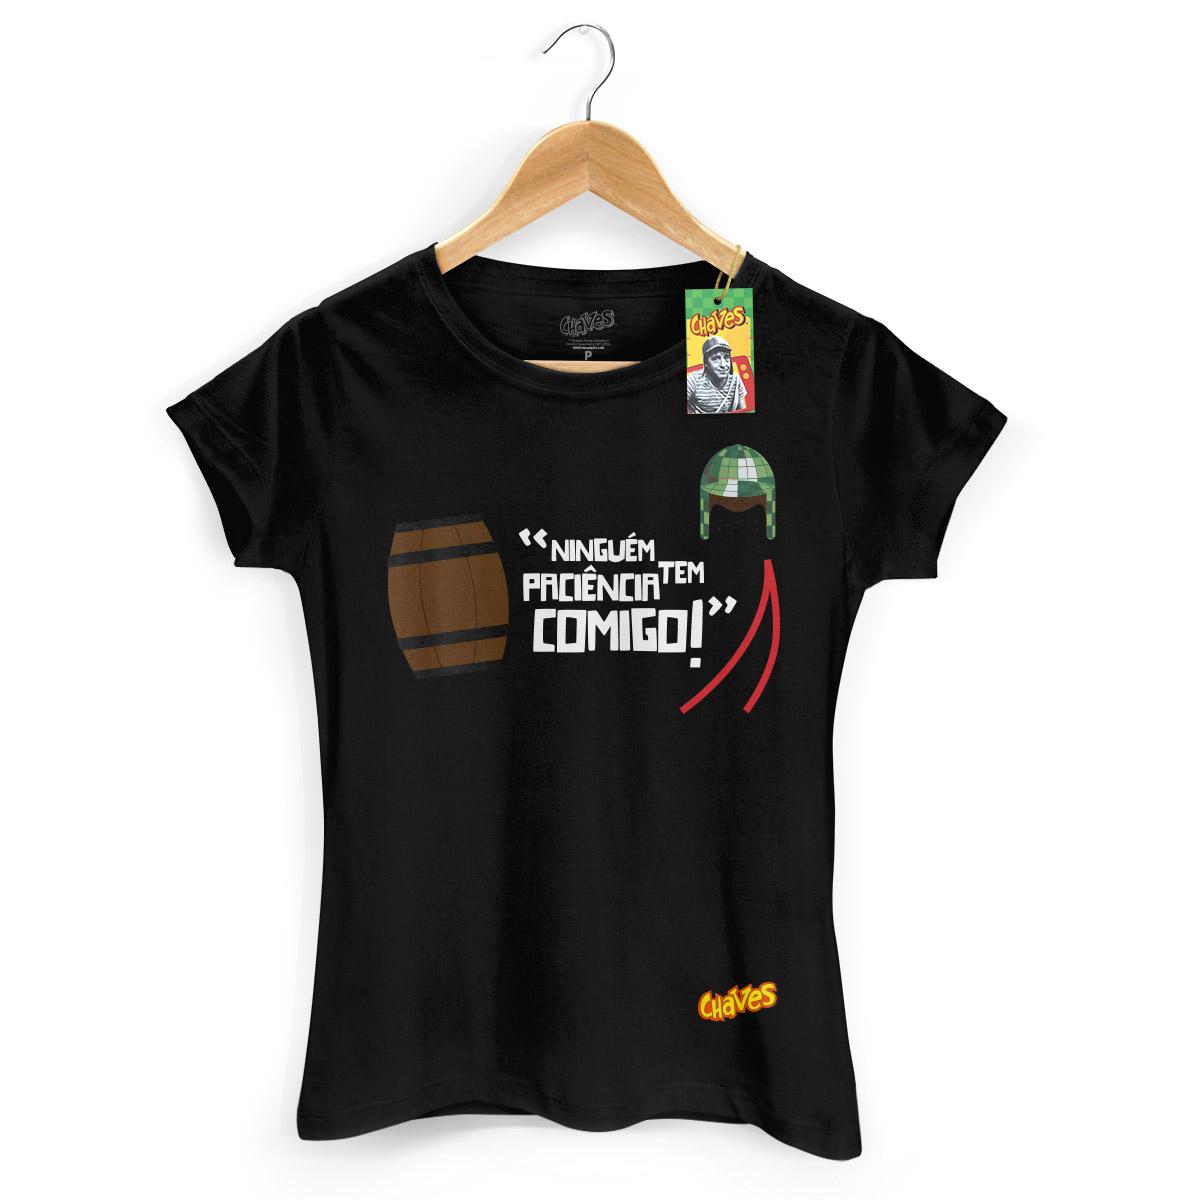 Camiseta Feminina Chaves Ninguém Tem Paciência Comigo! 3